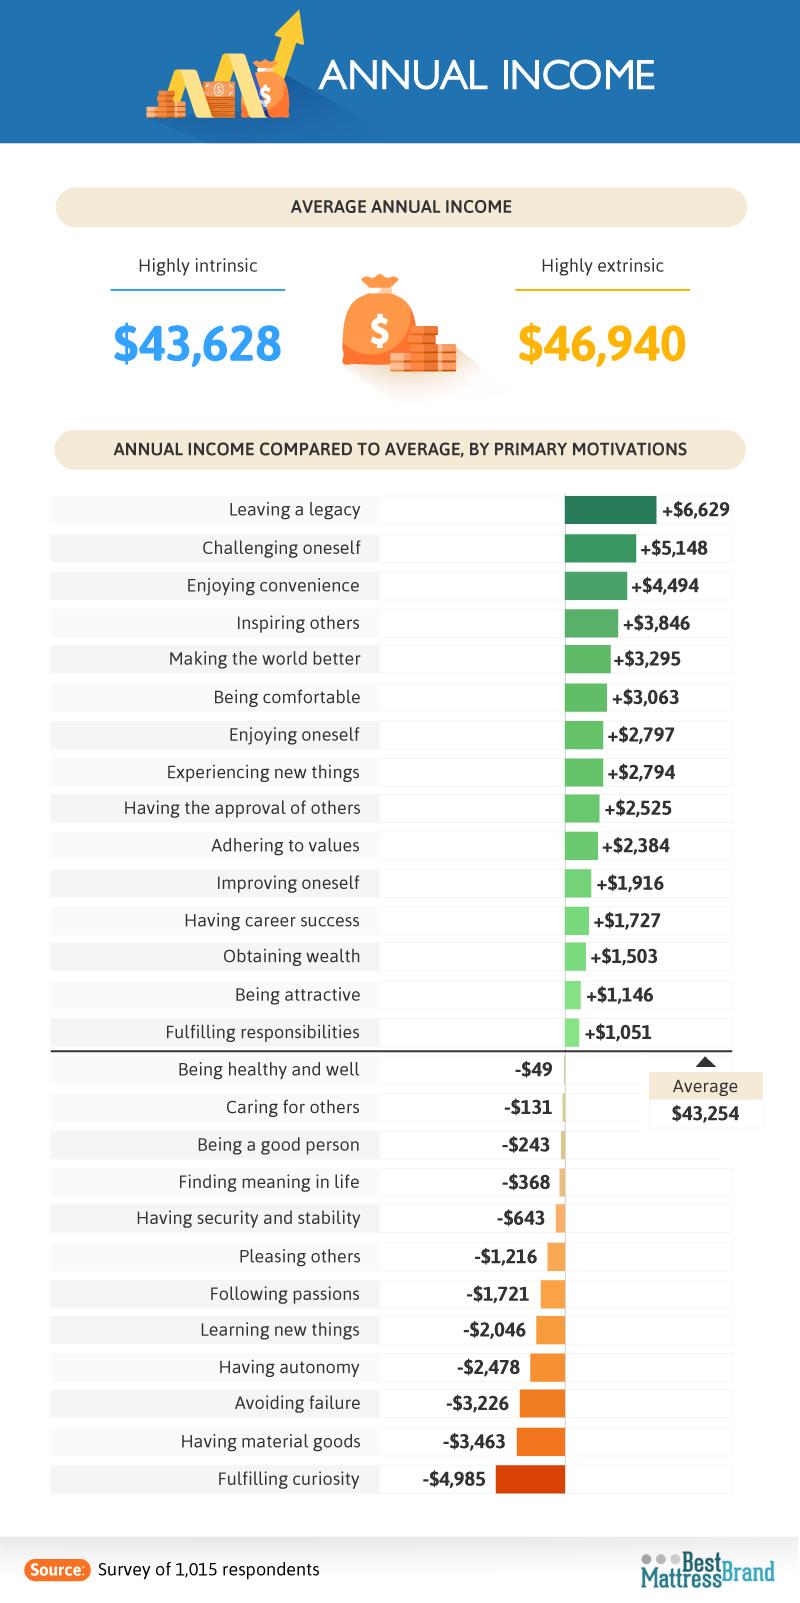 annual_income